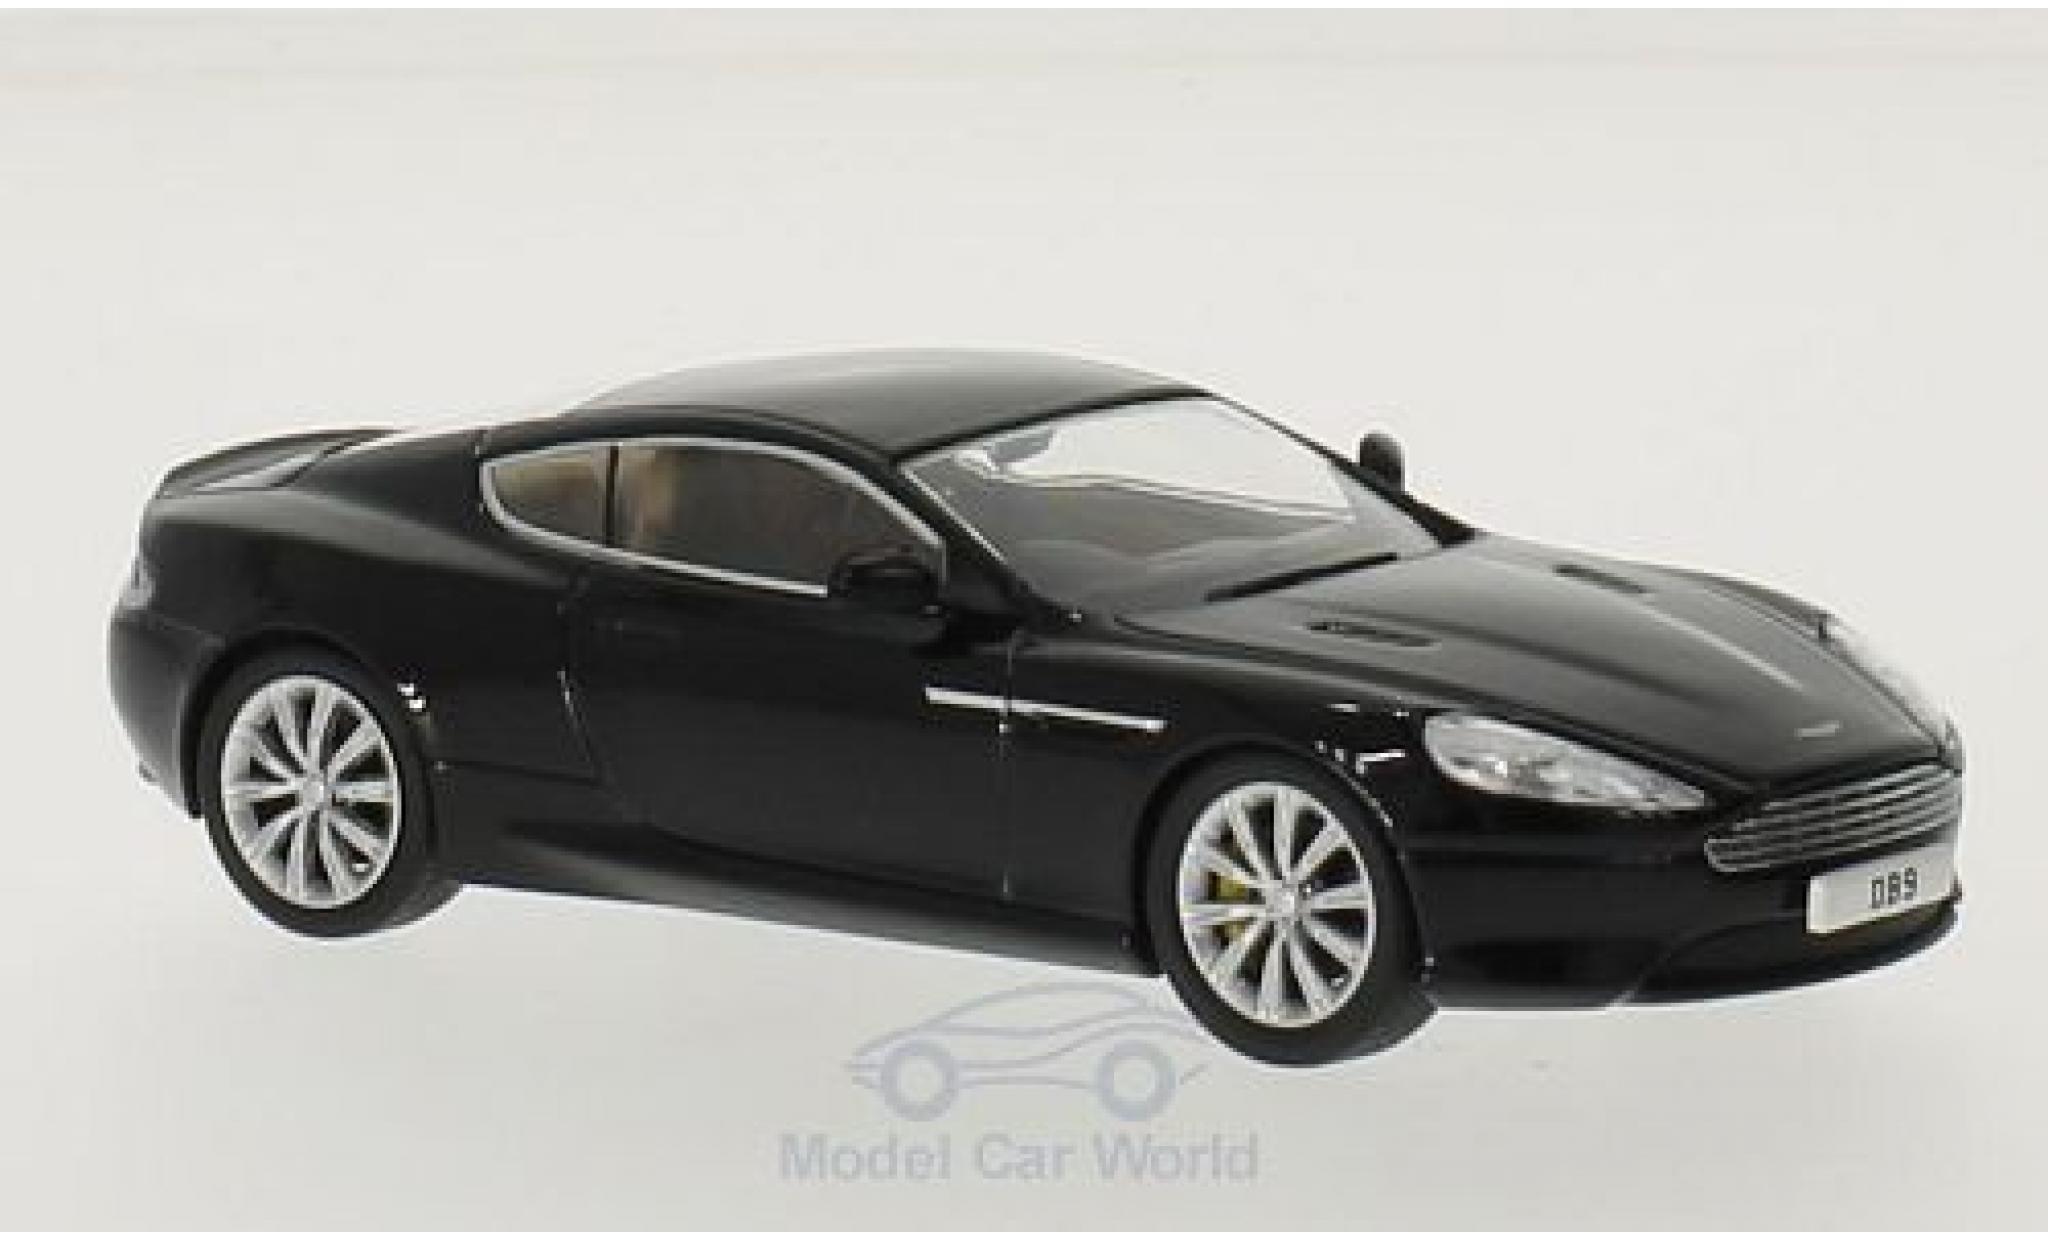 Aston Martin DB9 1/43 Oxford Coupe noire RHD